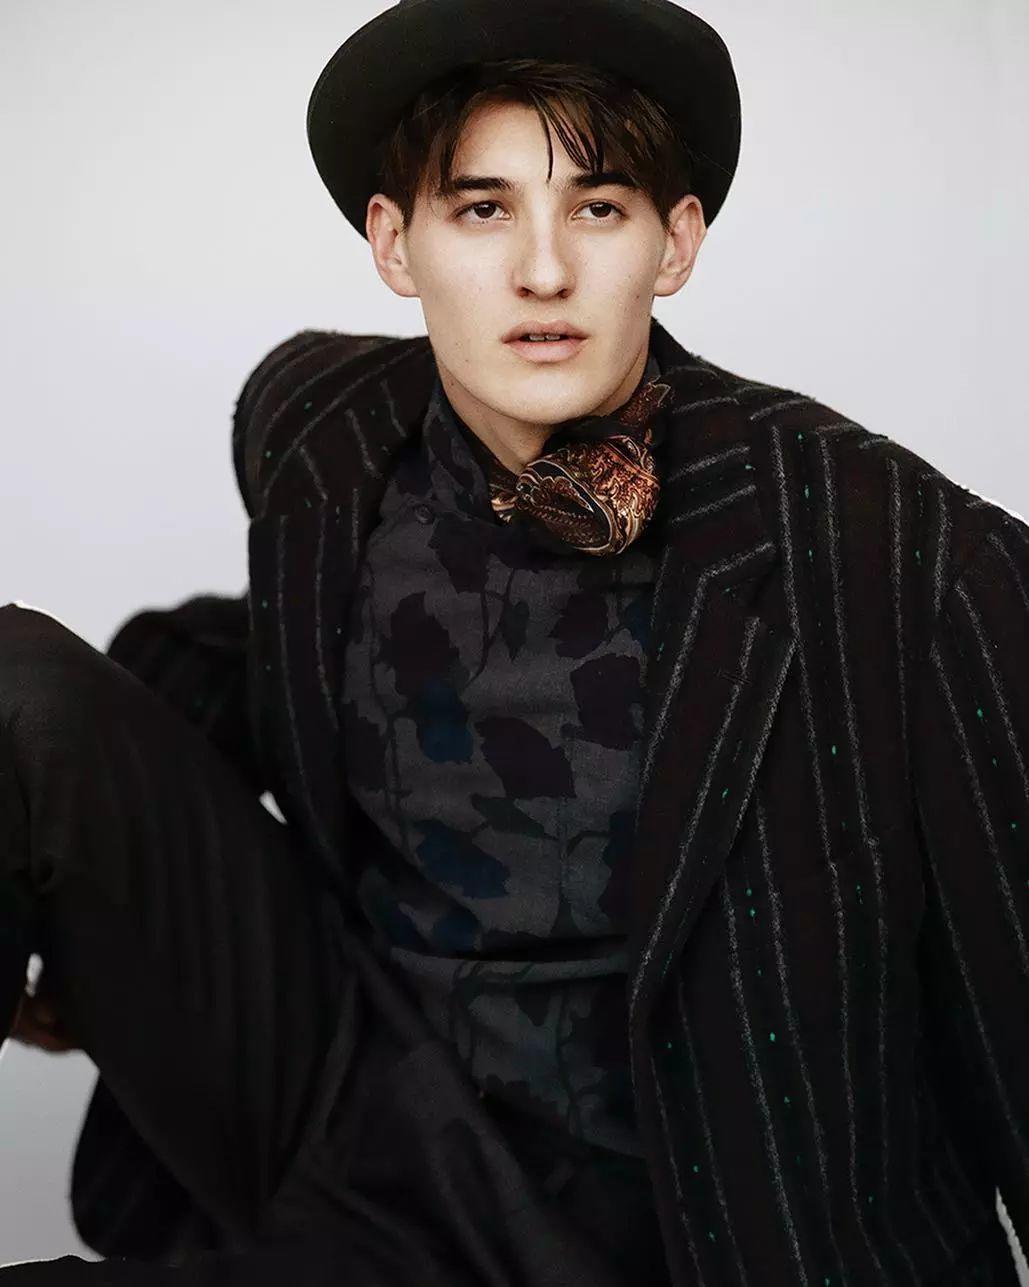 最新走向国际的日本男模,他名字叫夏秋牛奶?